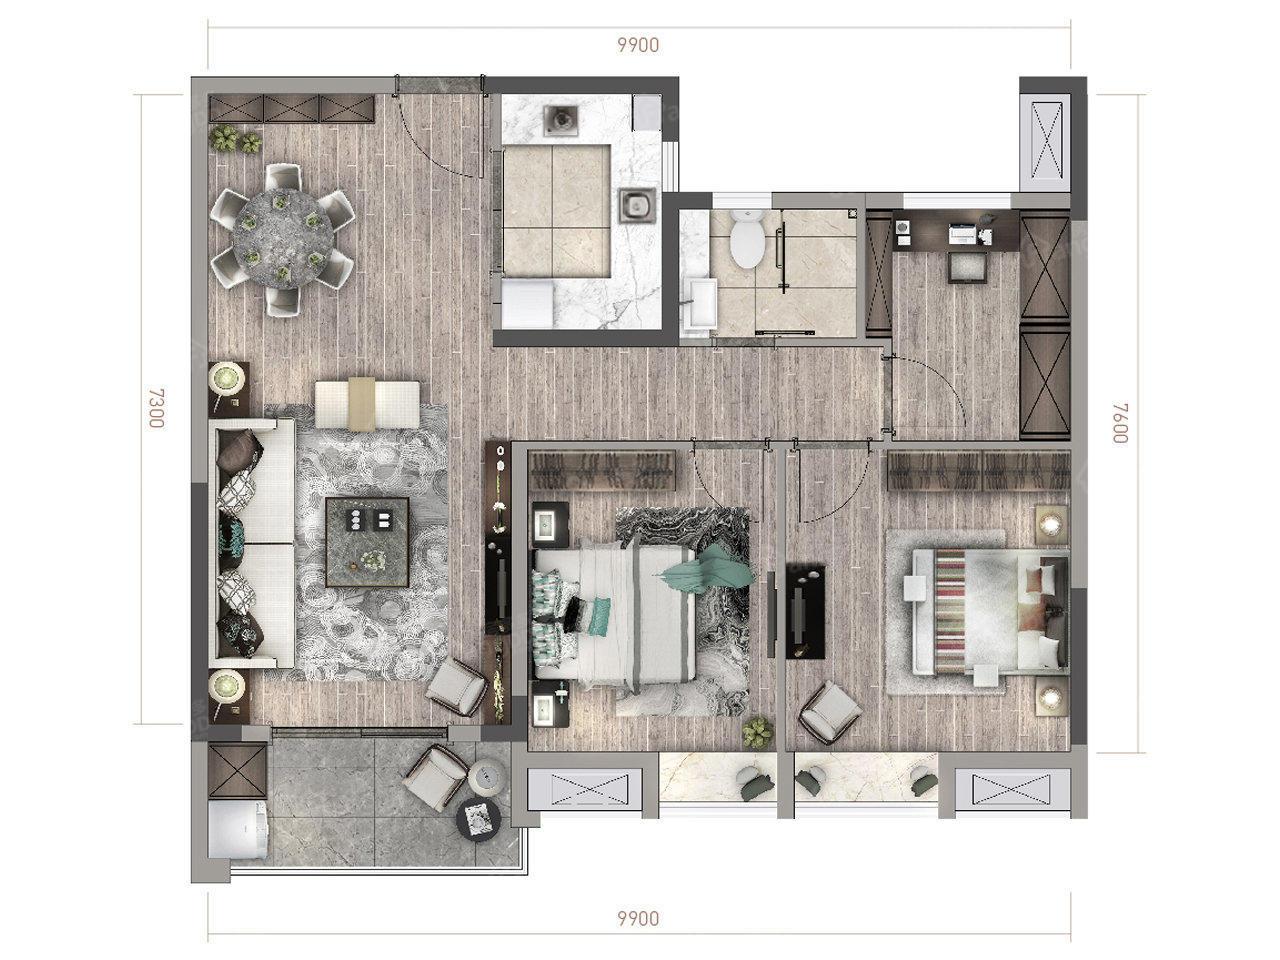 绿地梓湾国际康养度假区3室1厅1卫户型图